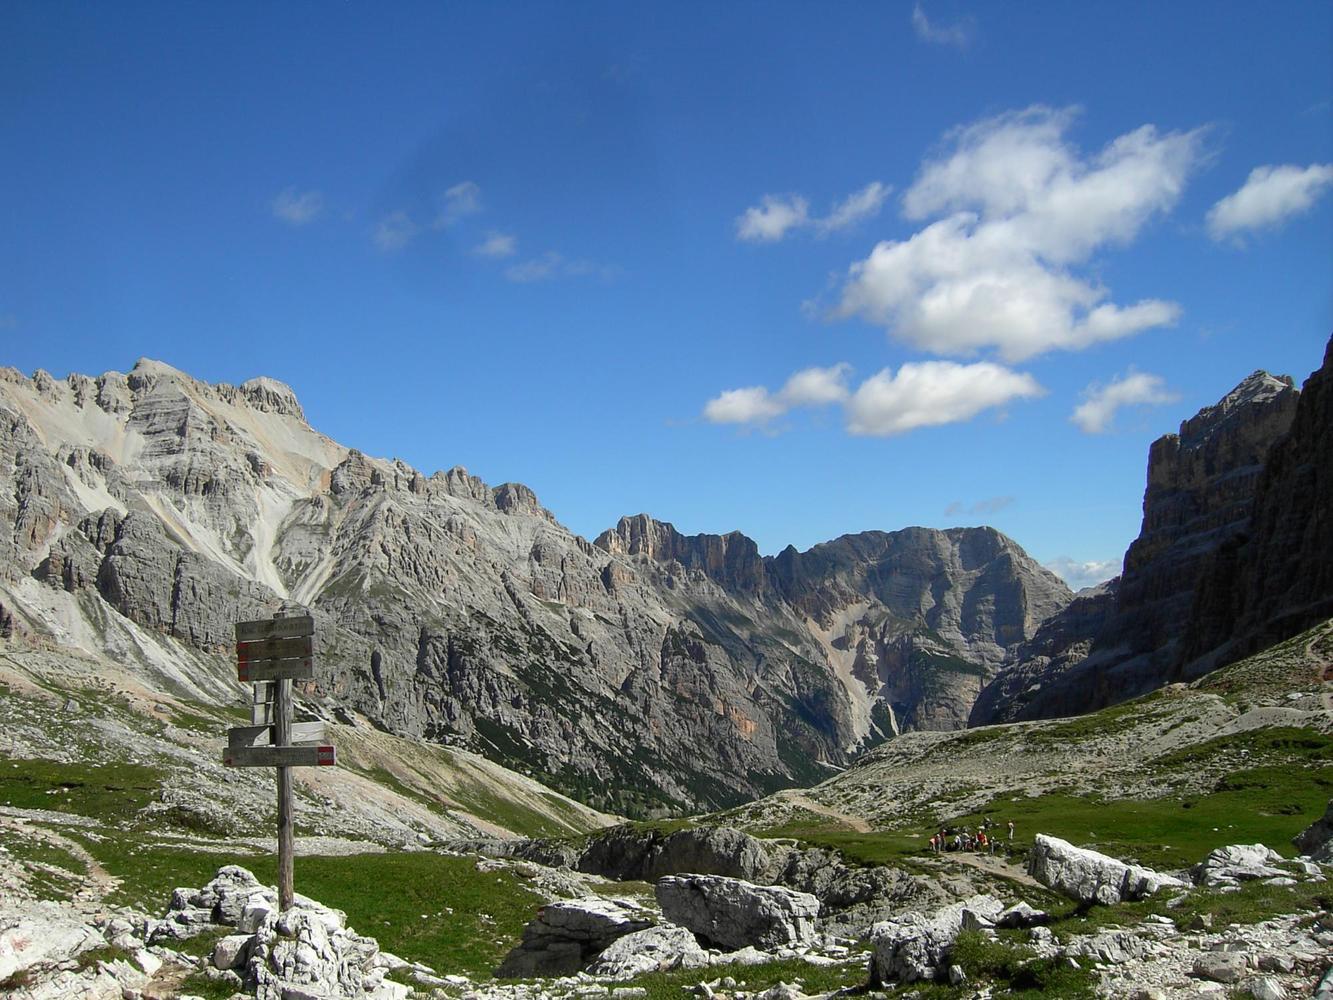 Col de Bos et Val Travenanzes - Géraldine Dequier